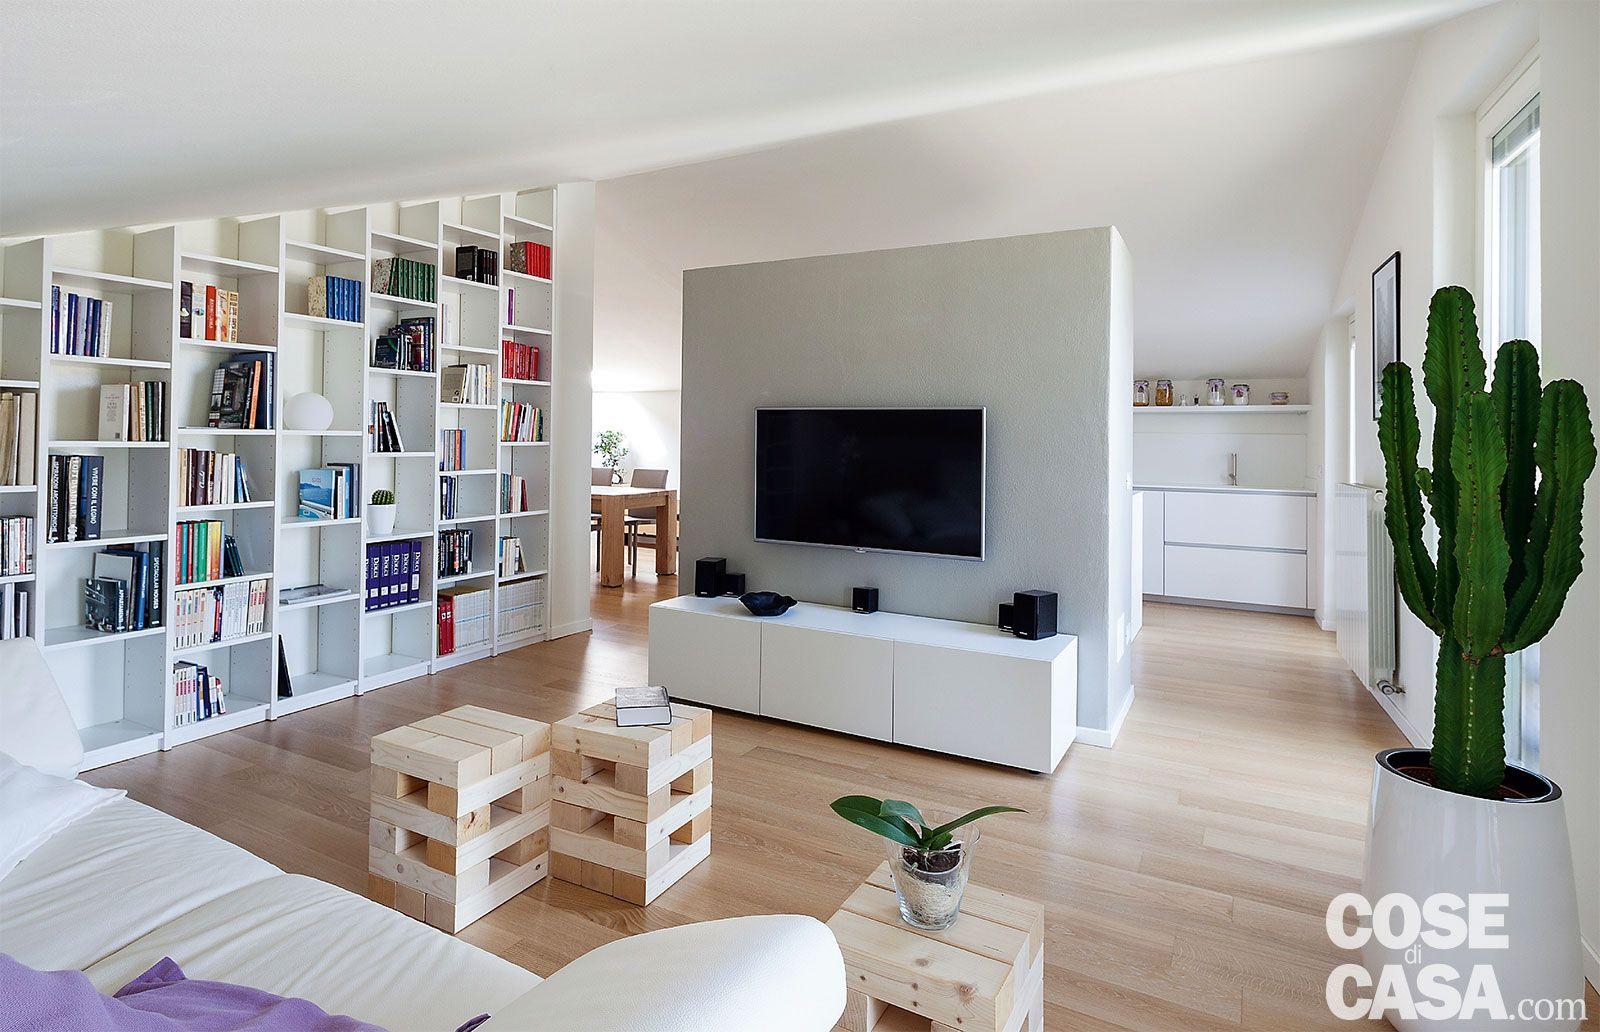 ridotte al minimo le divisioni interne, la mansarda di 110 mq ... - Soggiorno Cucina Open Space Ikea